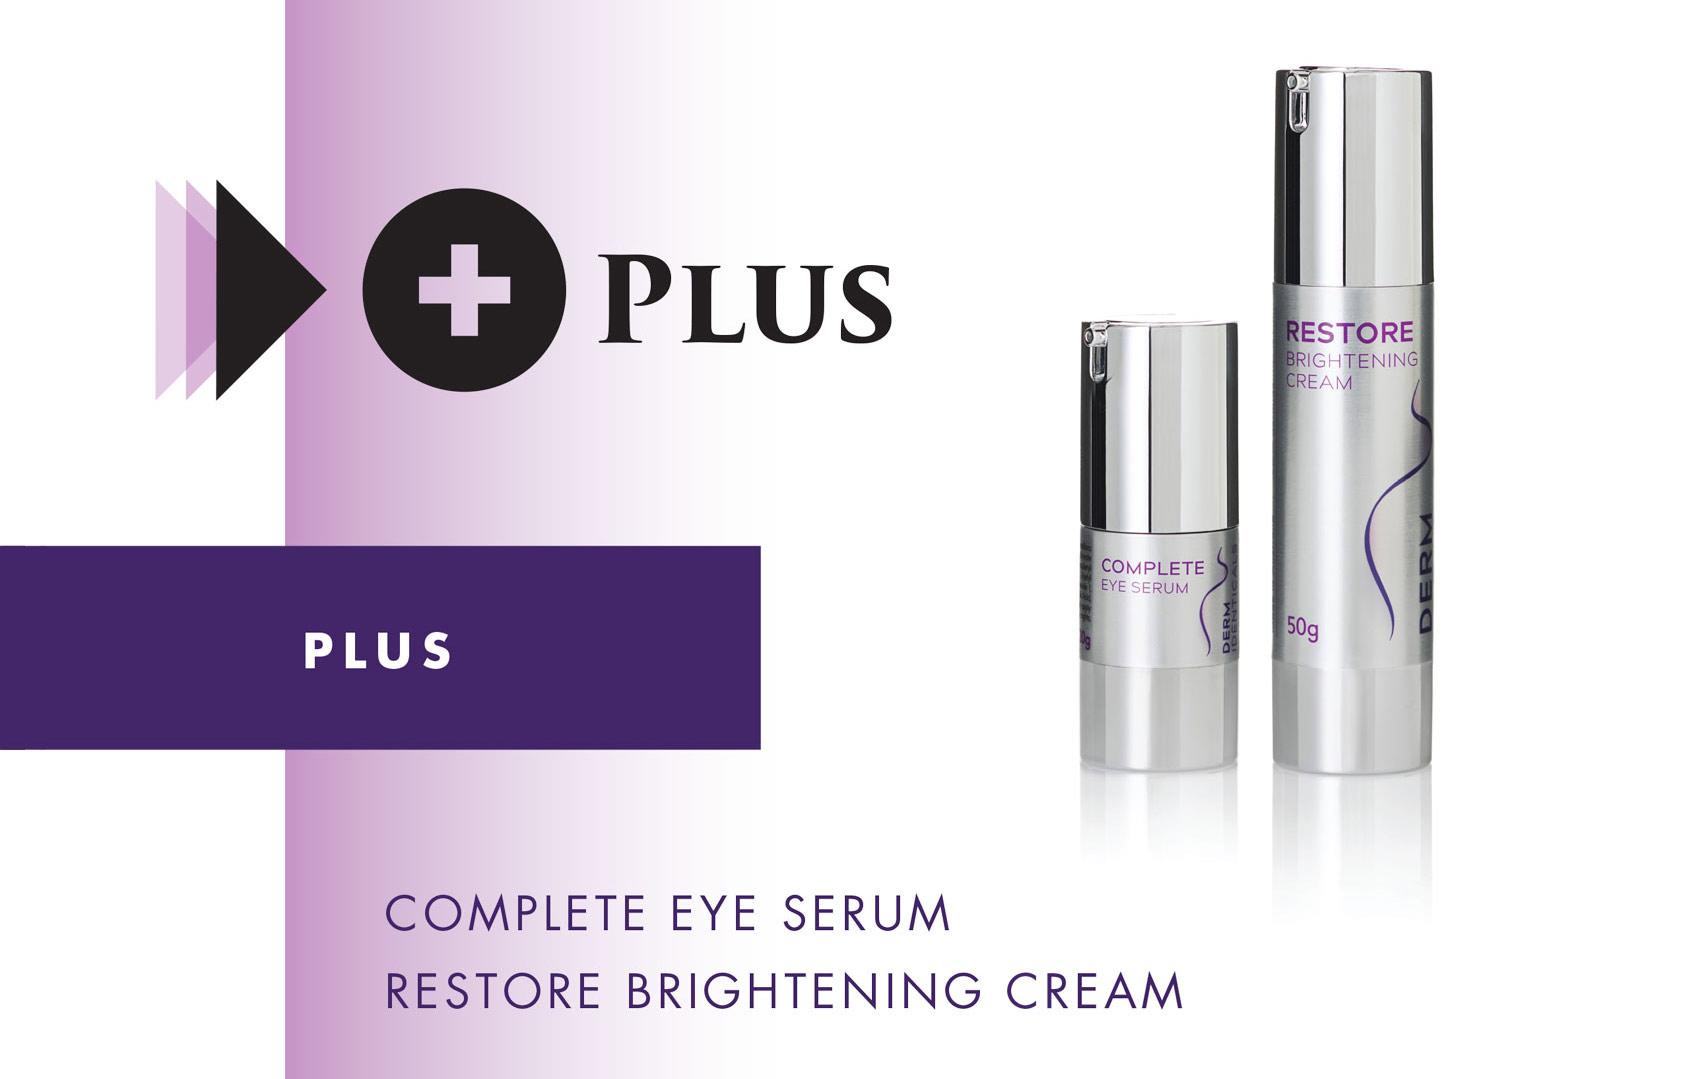 R3 Plus Skin Care